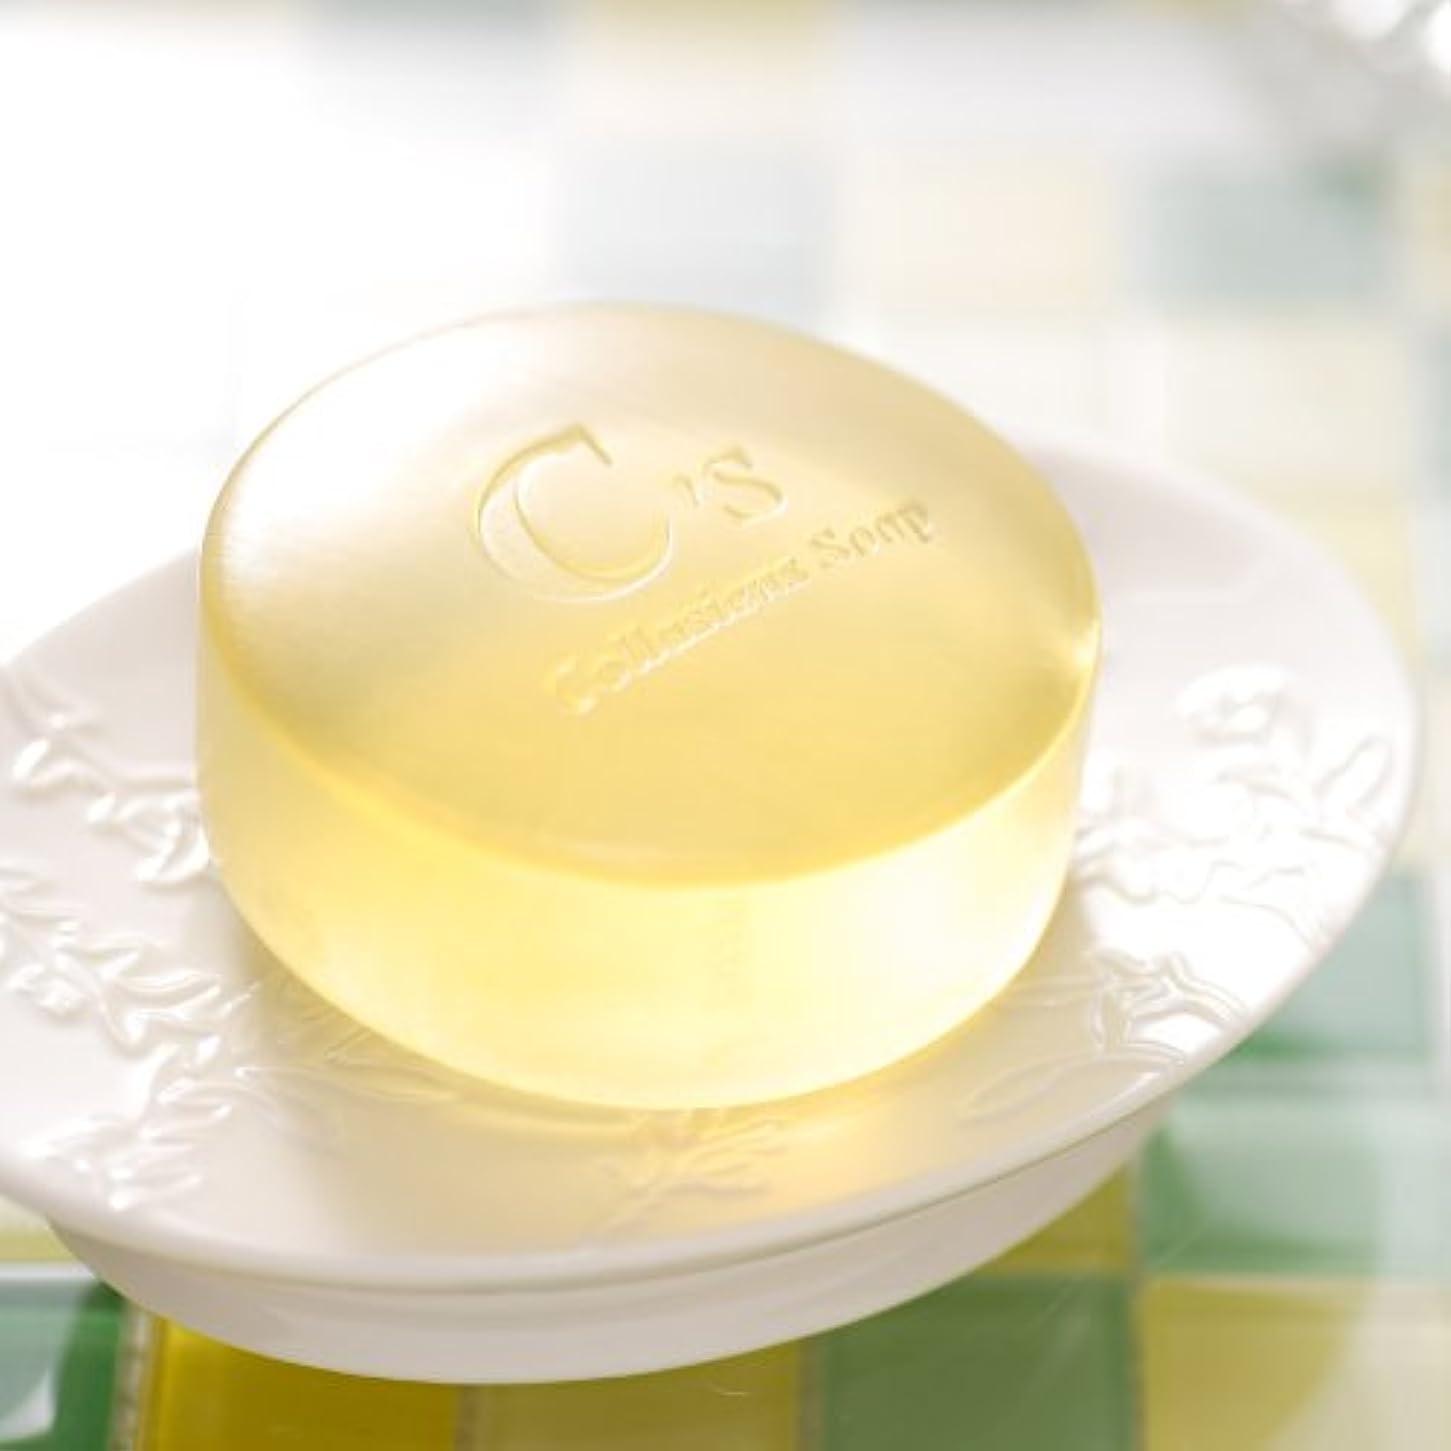 ロケット六分儀ローラー肌理石鹸(きめせっけん)☆90日間熟成させた手作りソープ